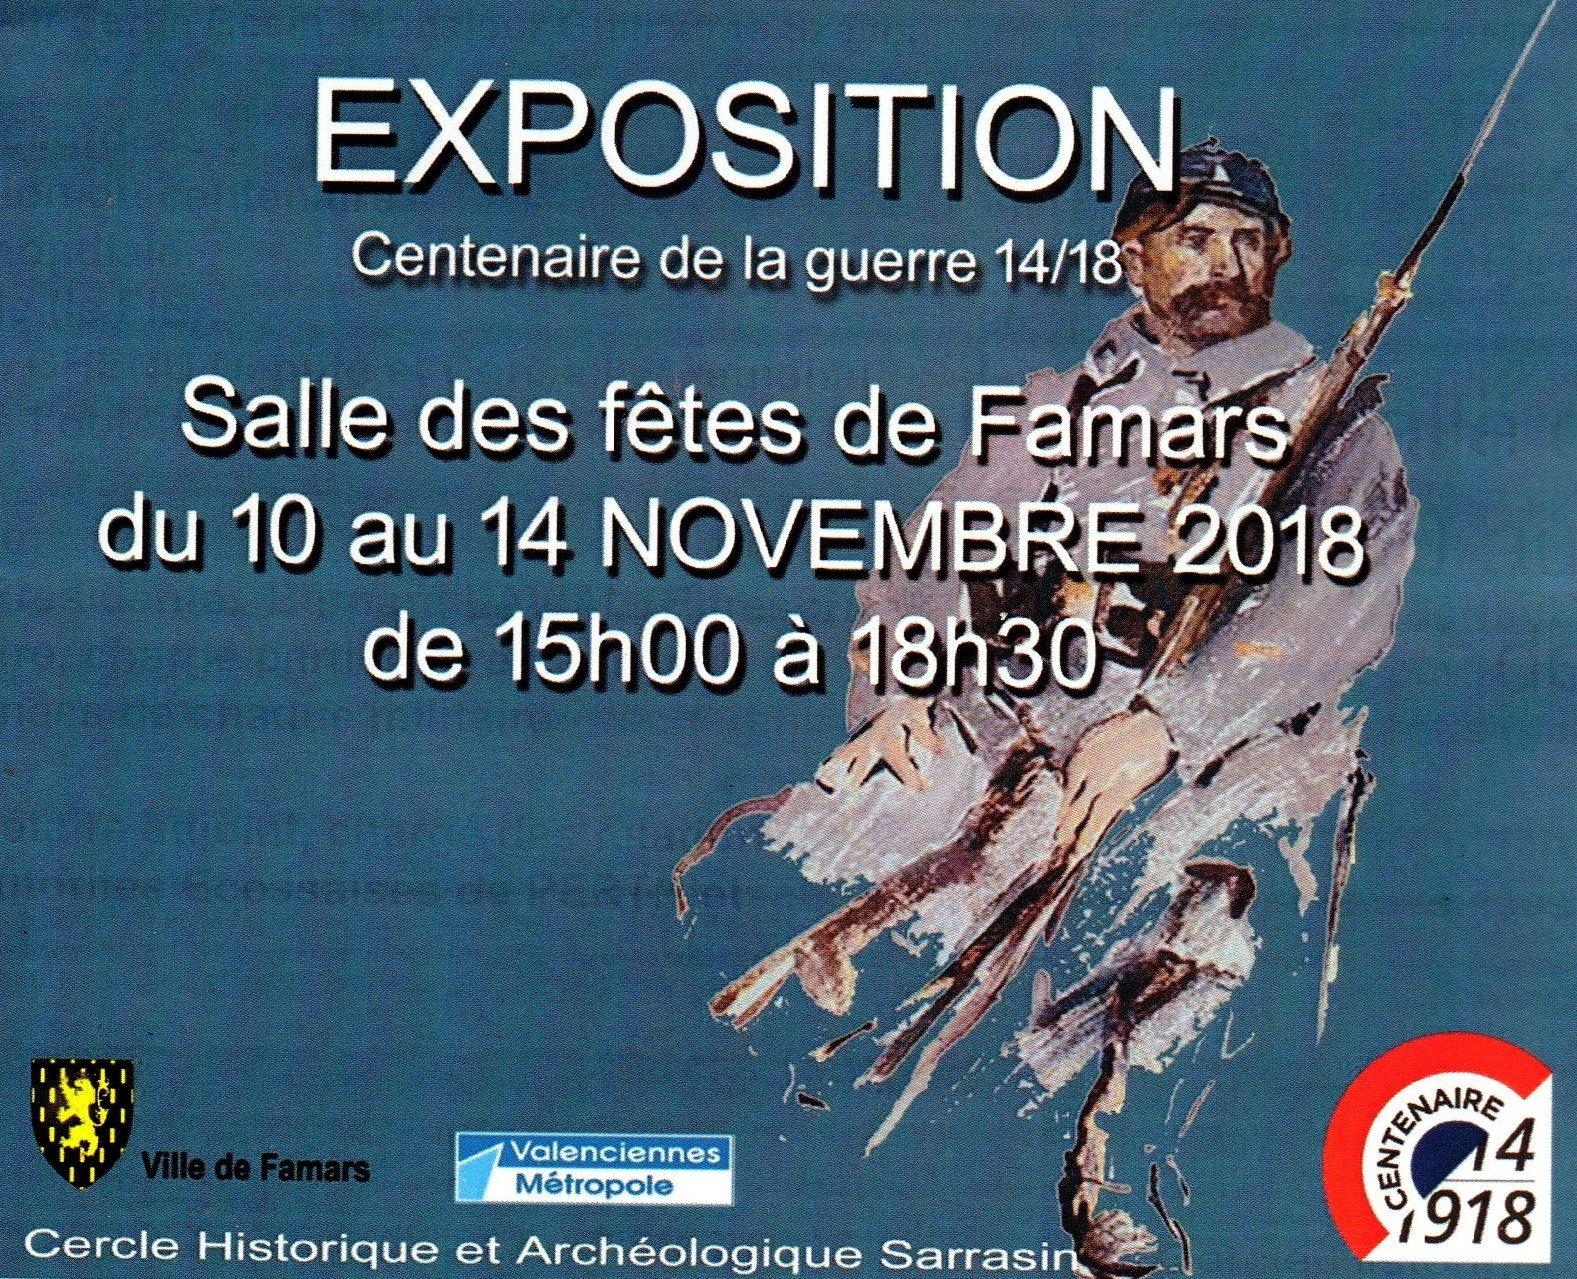 Expo Famars 2018001 - Copie